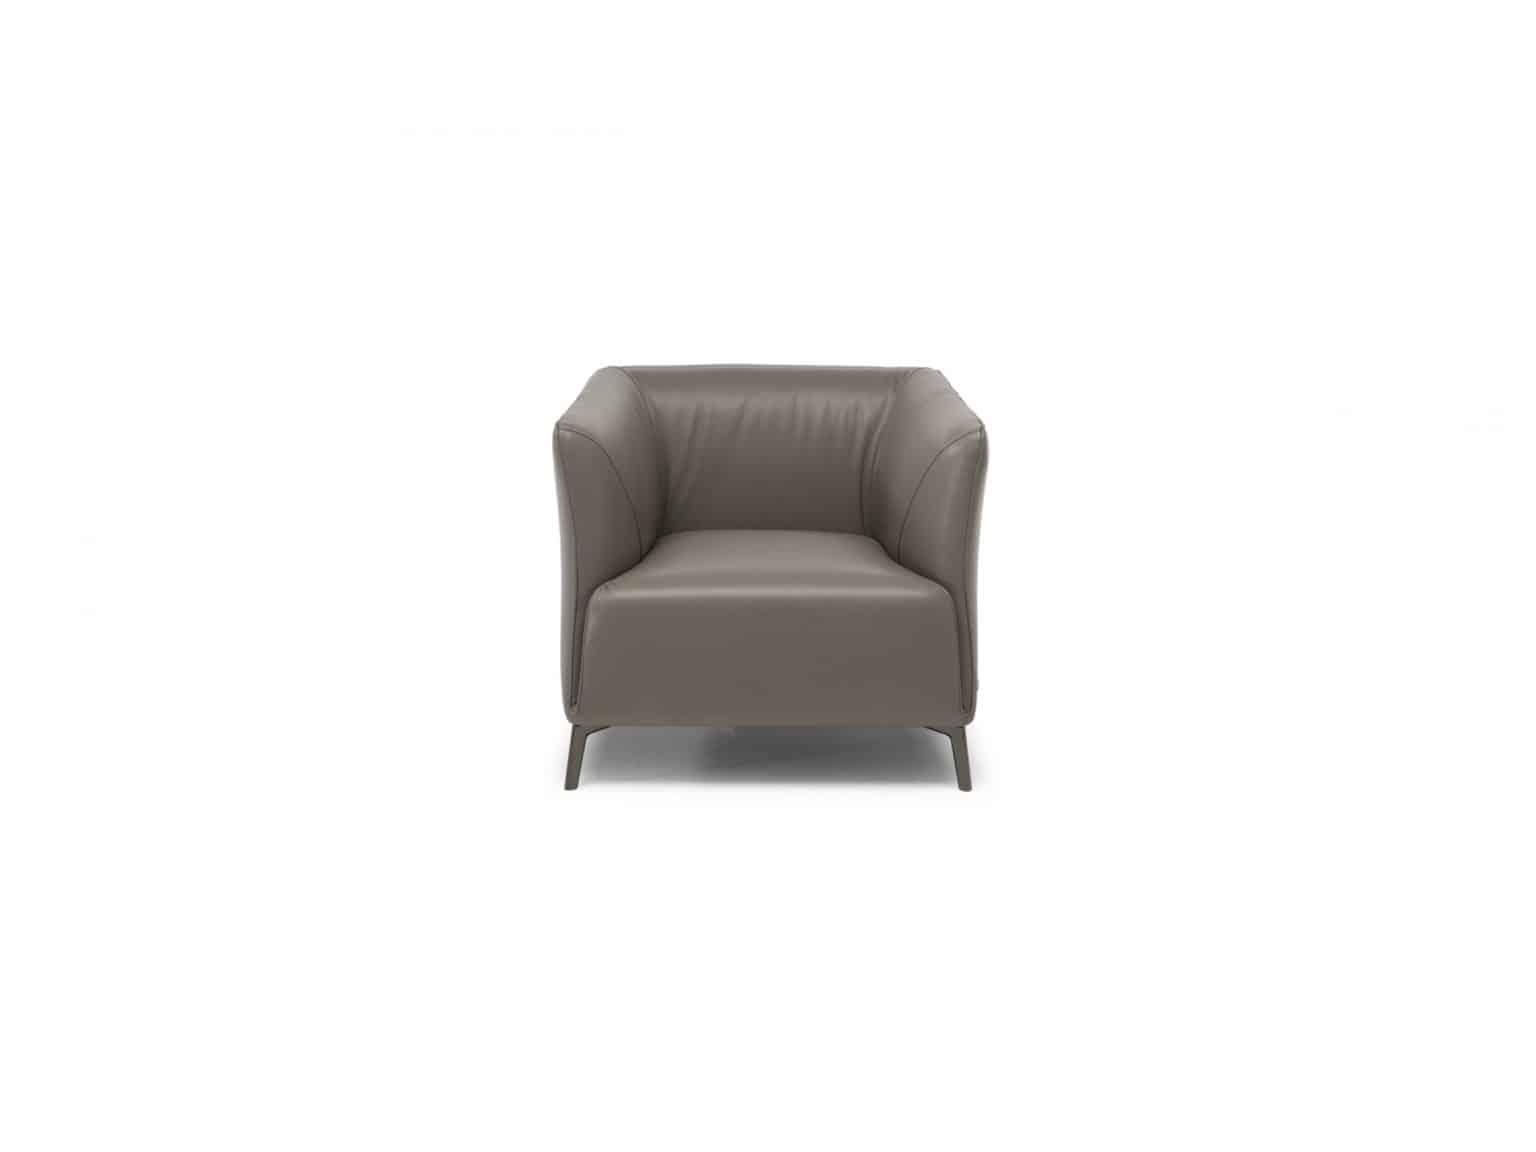 Natuzzi fauteuil Dodi pa